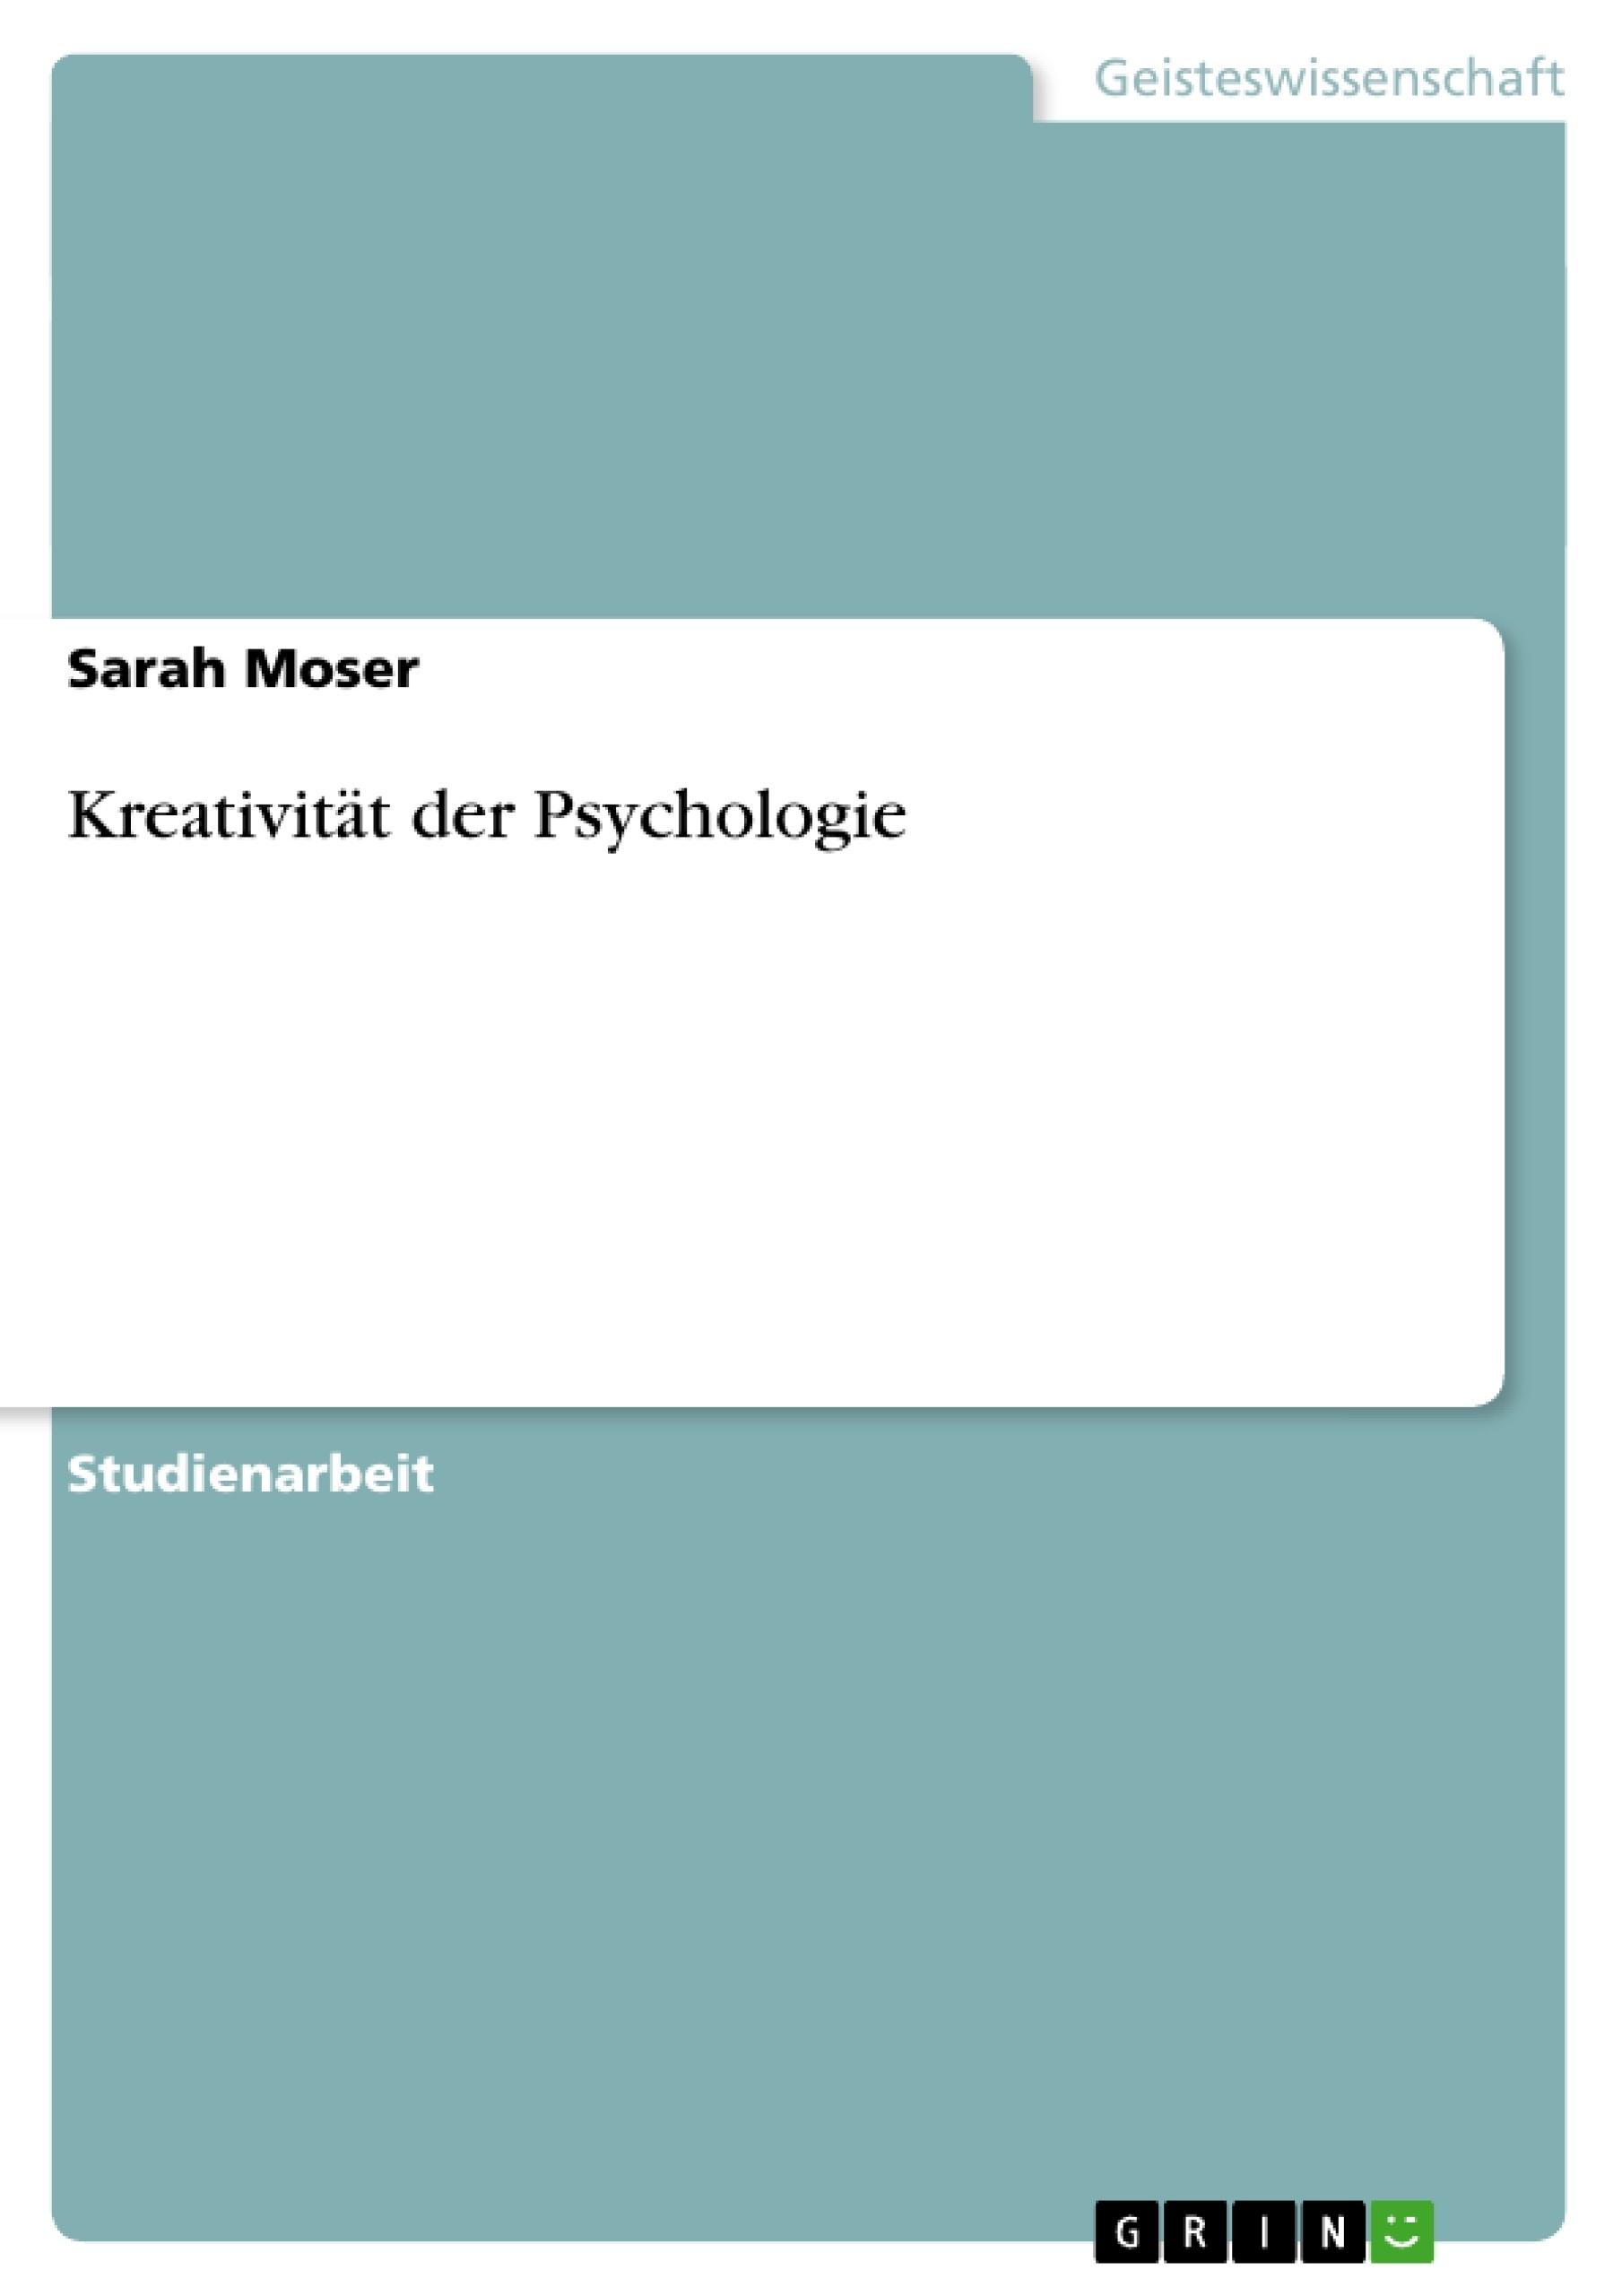 Titel: Kreativität der Psychologie